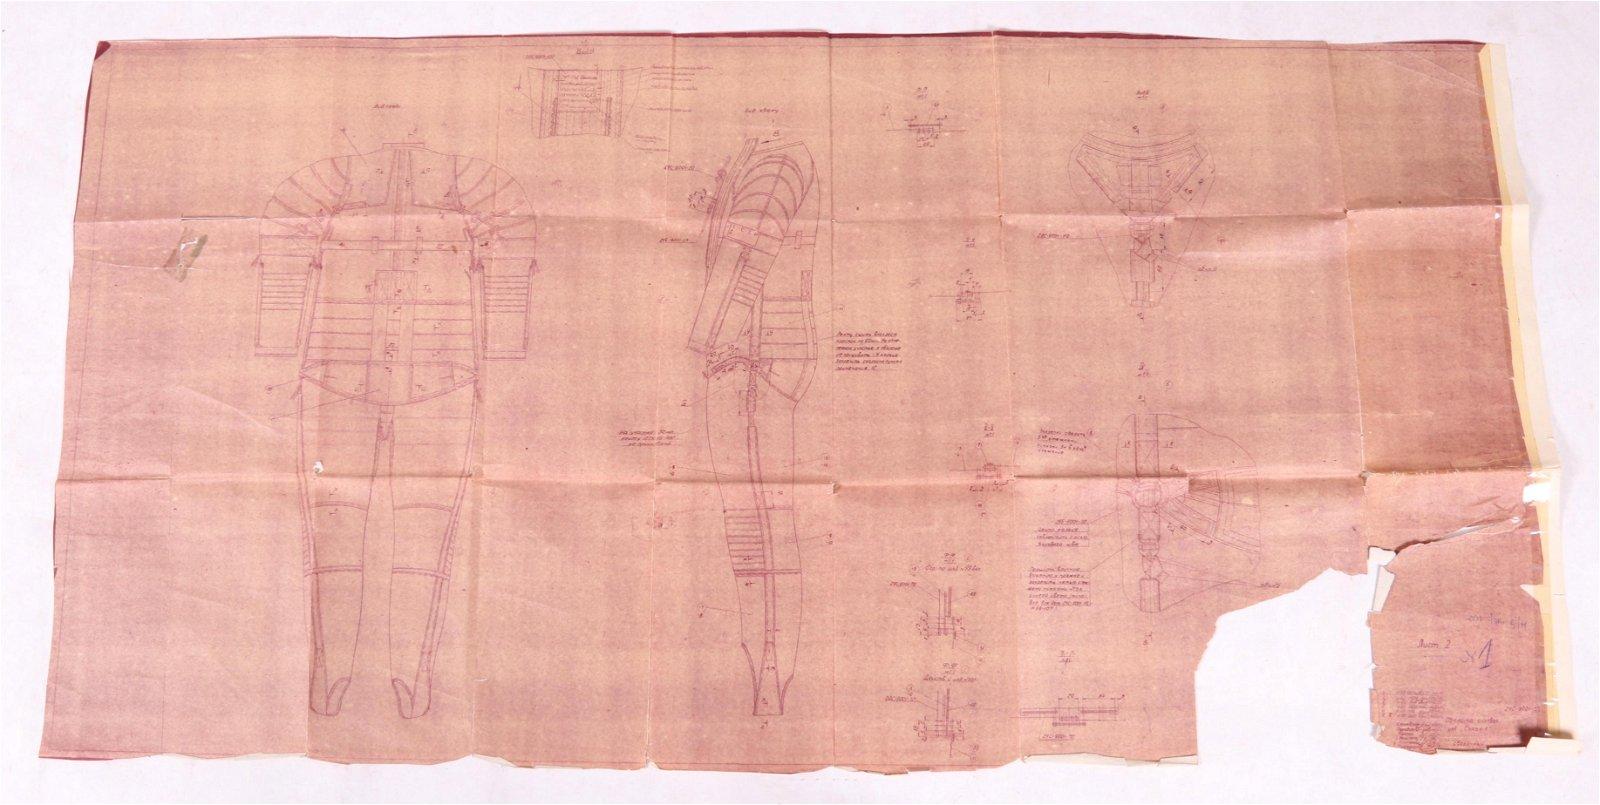 Russian Cosmonaut Space Suit Blueprints / Schematics